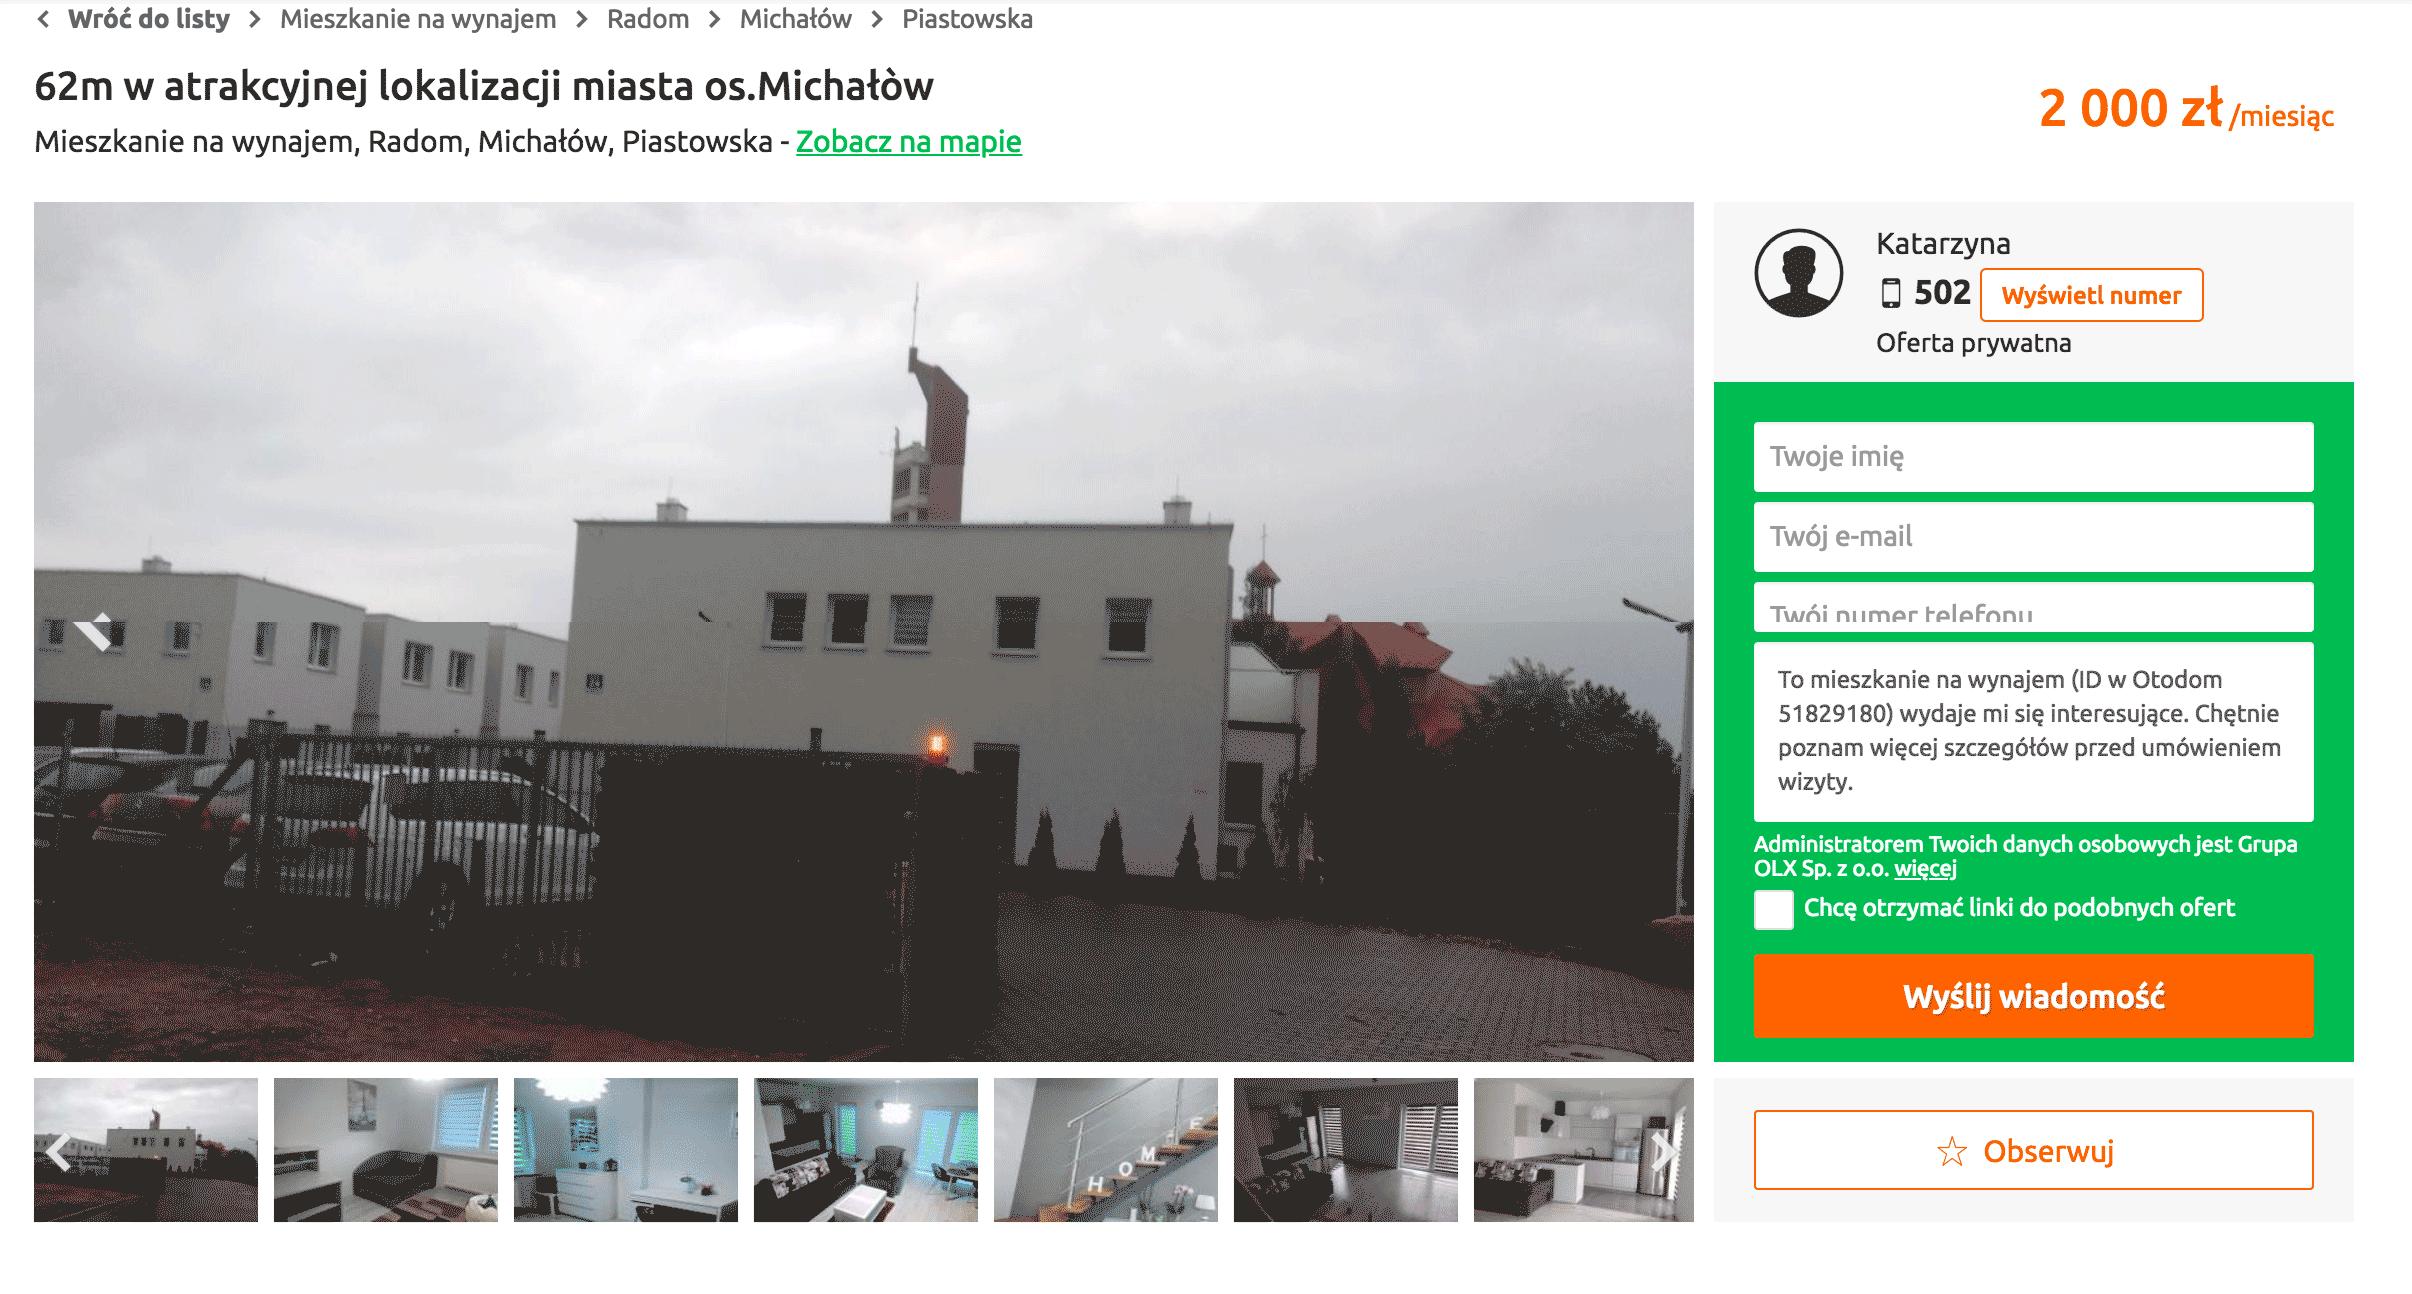 Один из основных сайтов аренды и продажи недвижимости Otodom.pl